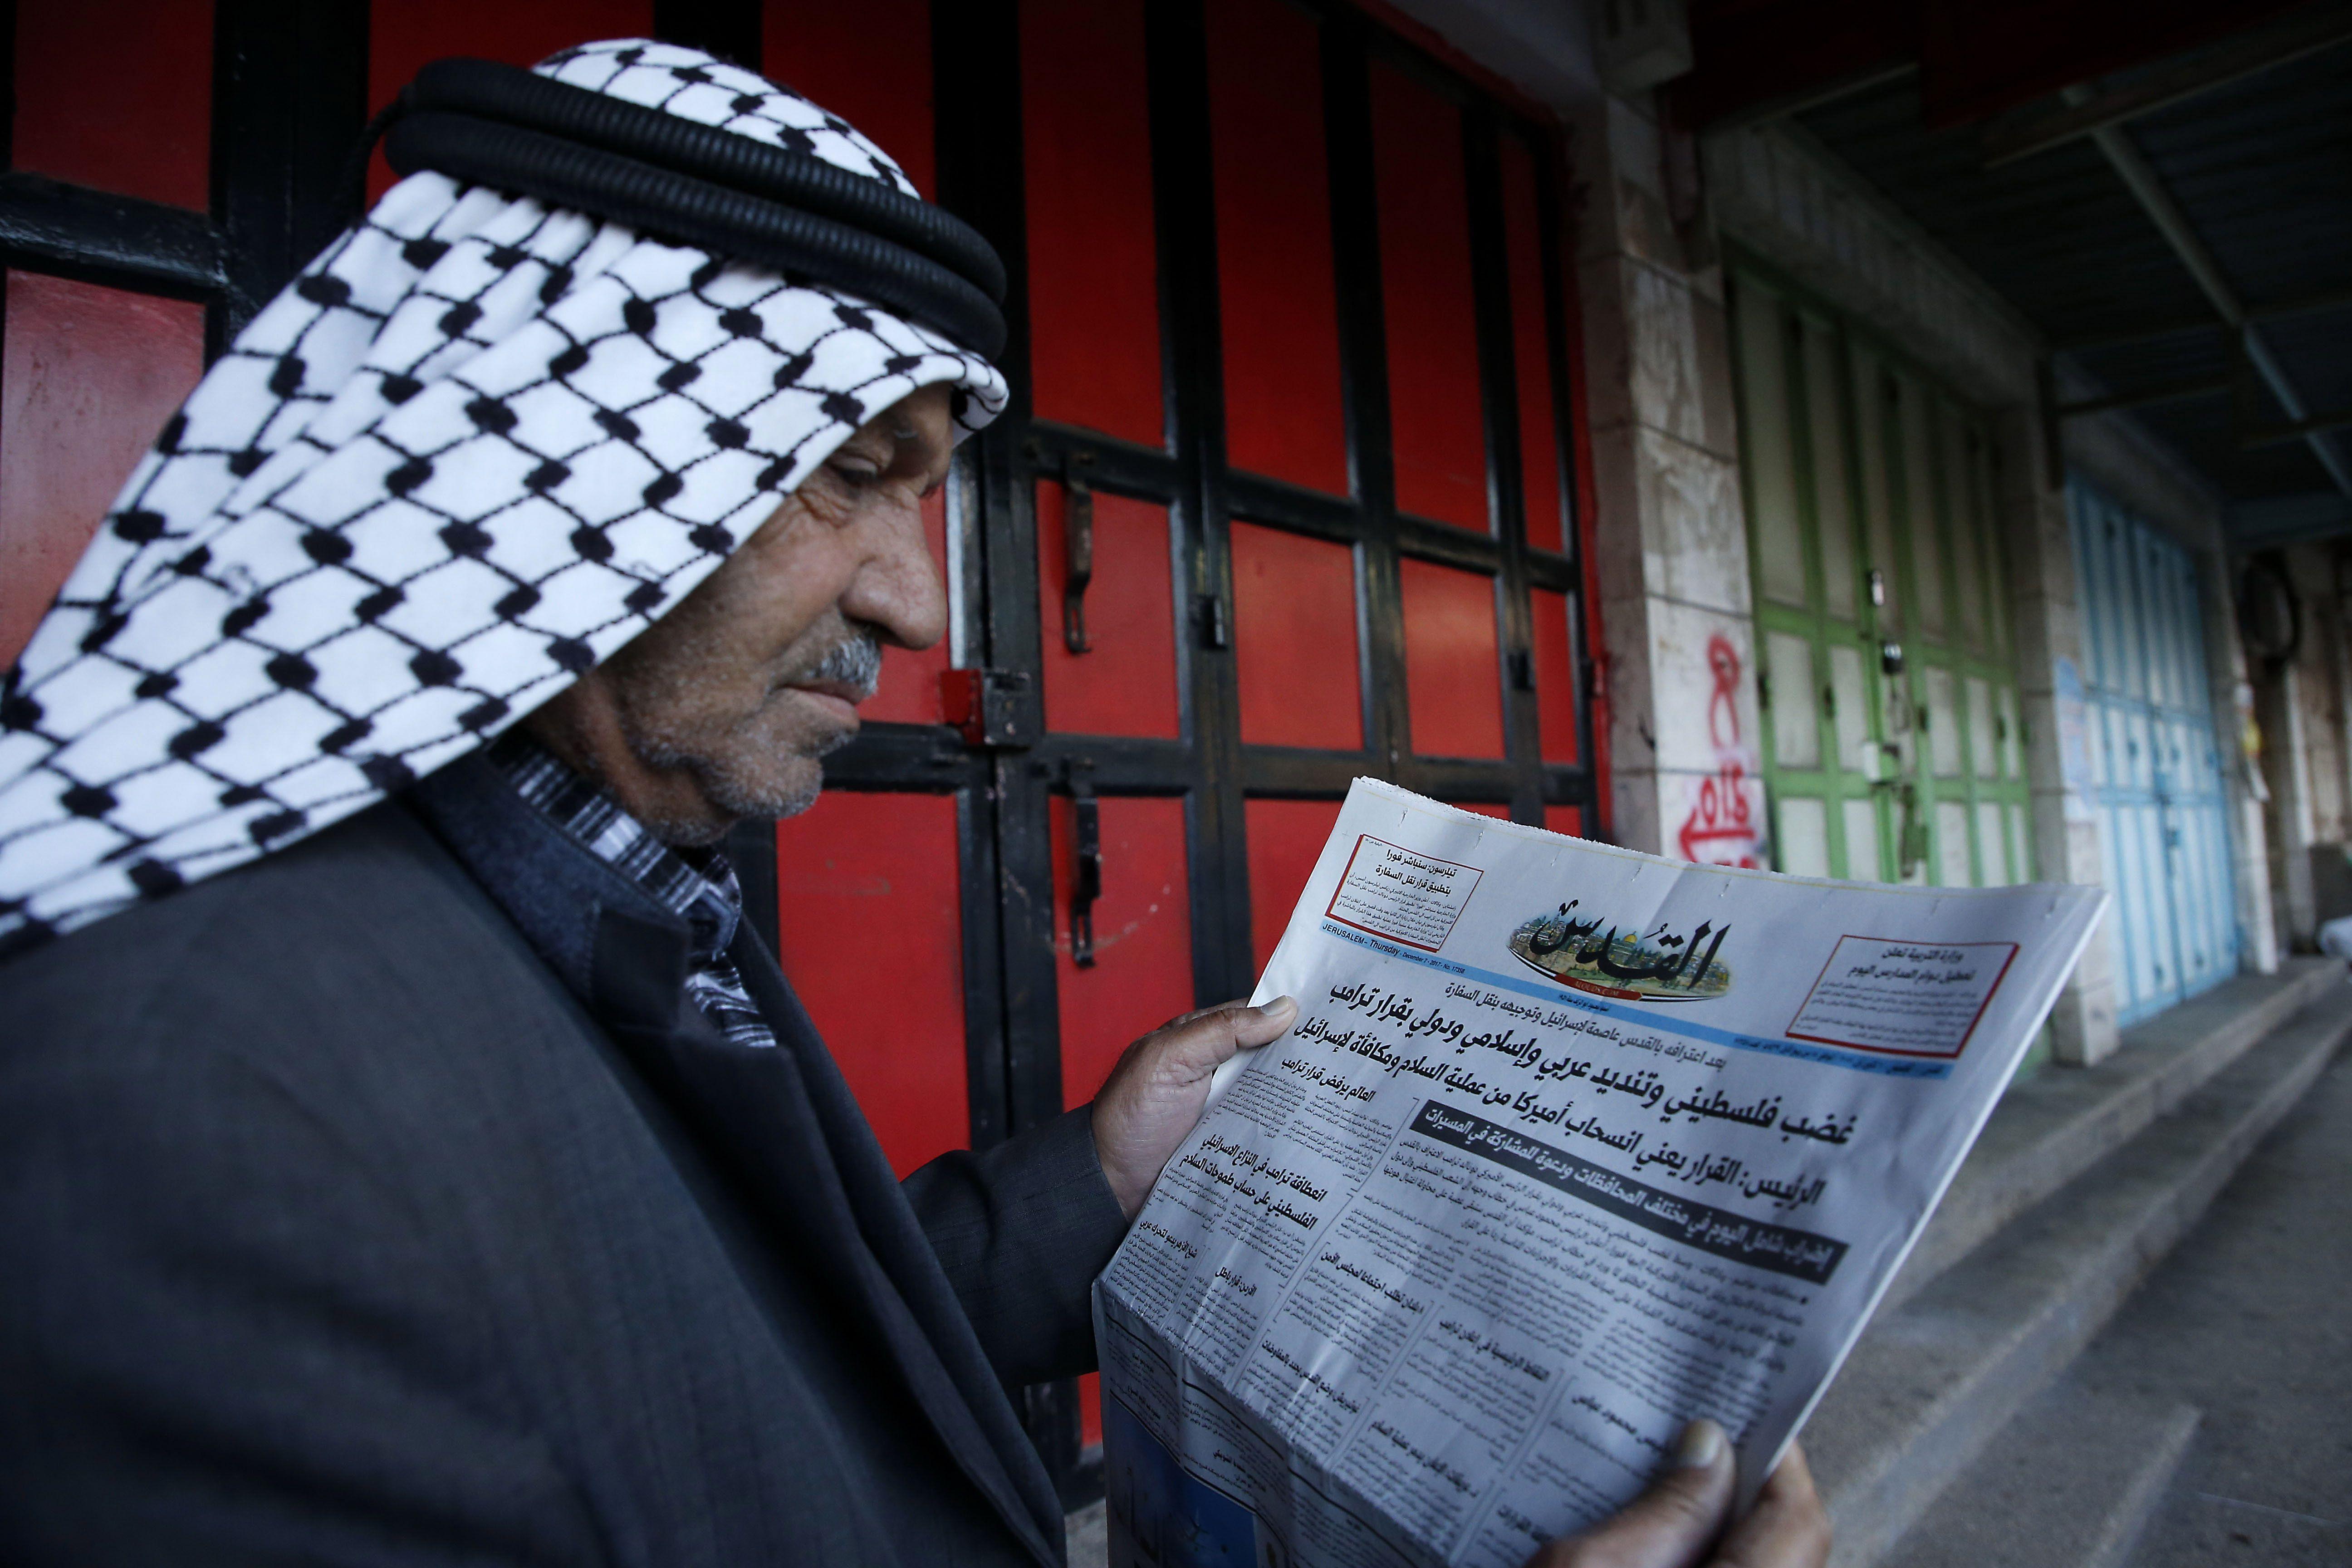 رجل فلسطينى يجلس أمام محله المغلق ويقرأ الجرايد